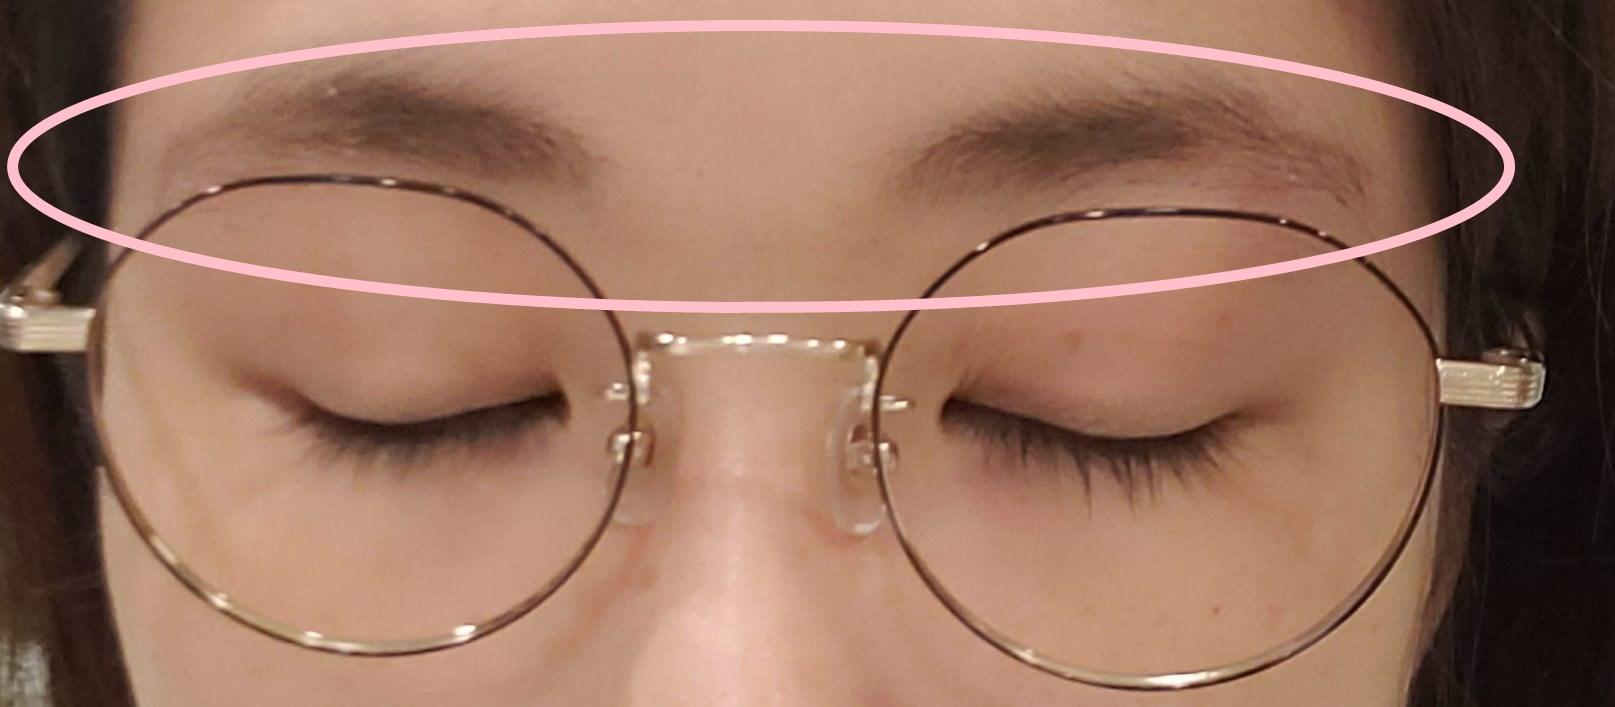 シークレットレメディ 東京都 江戸川区 船堀 眼鏡 めがね 視力検査